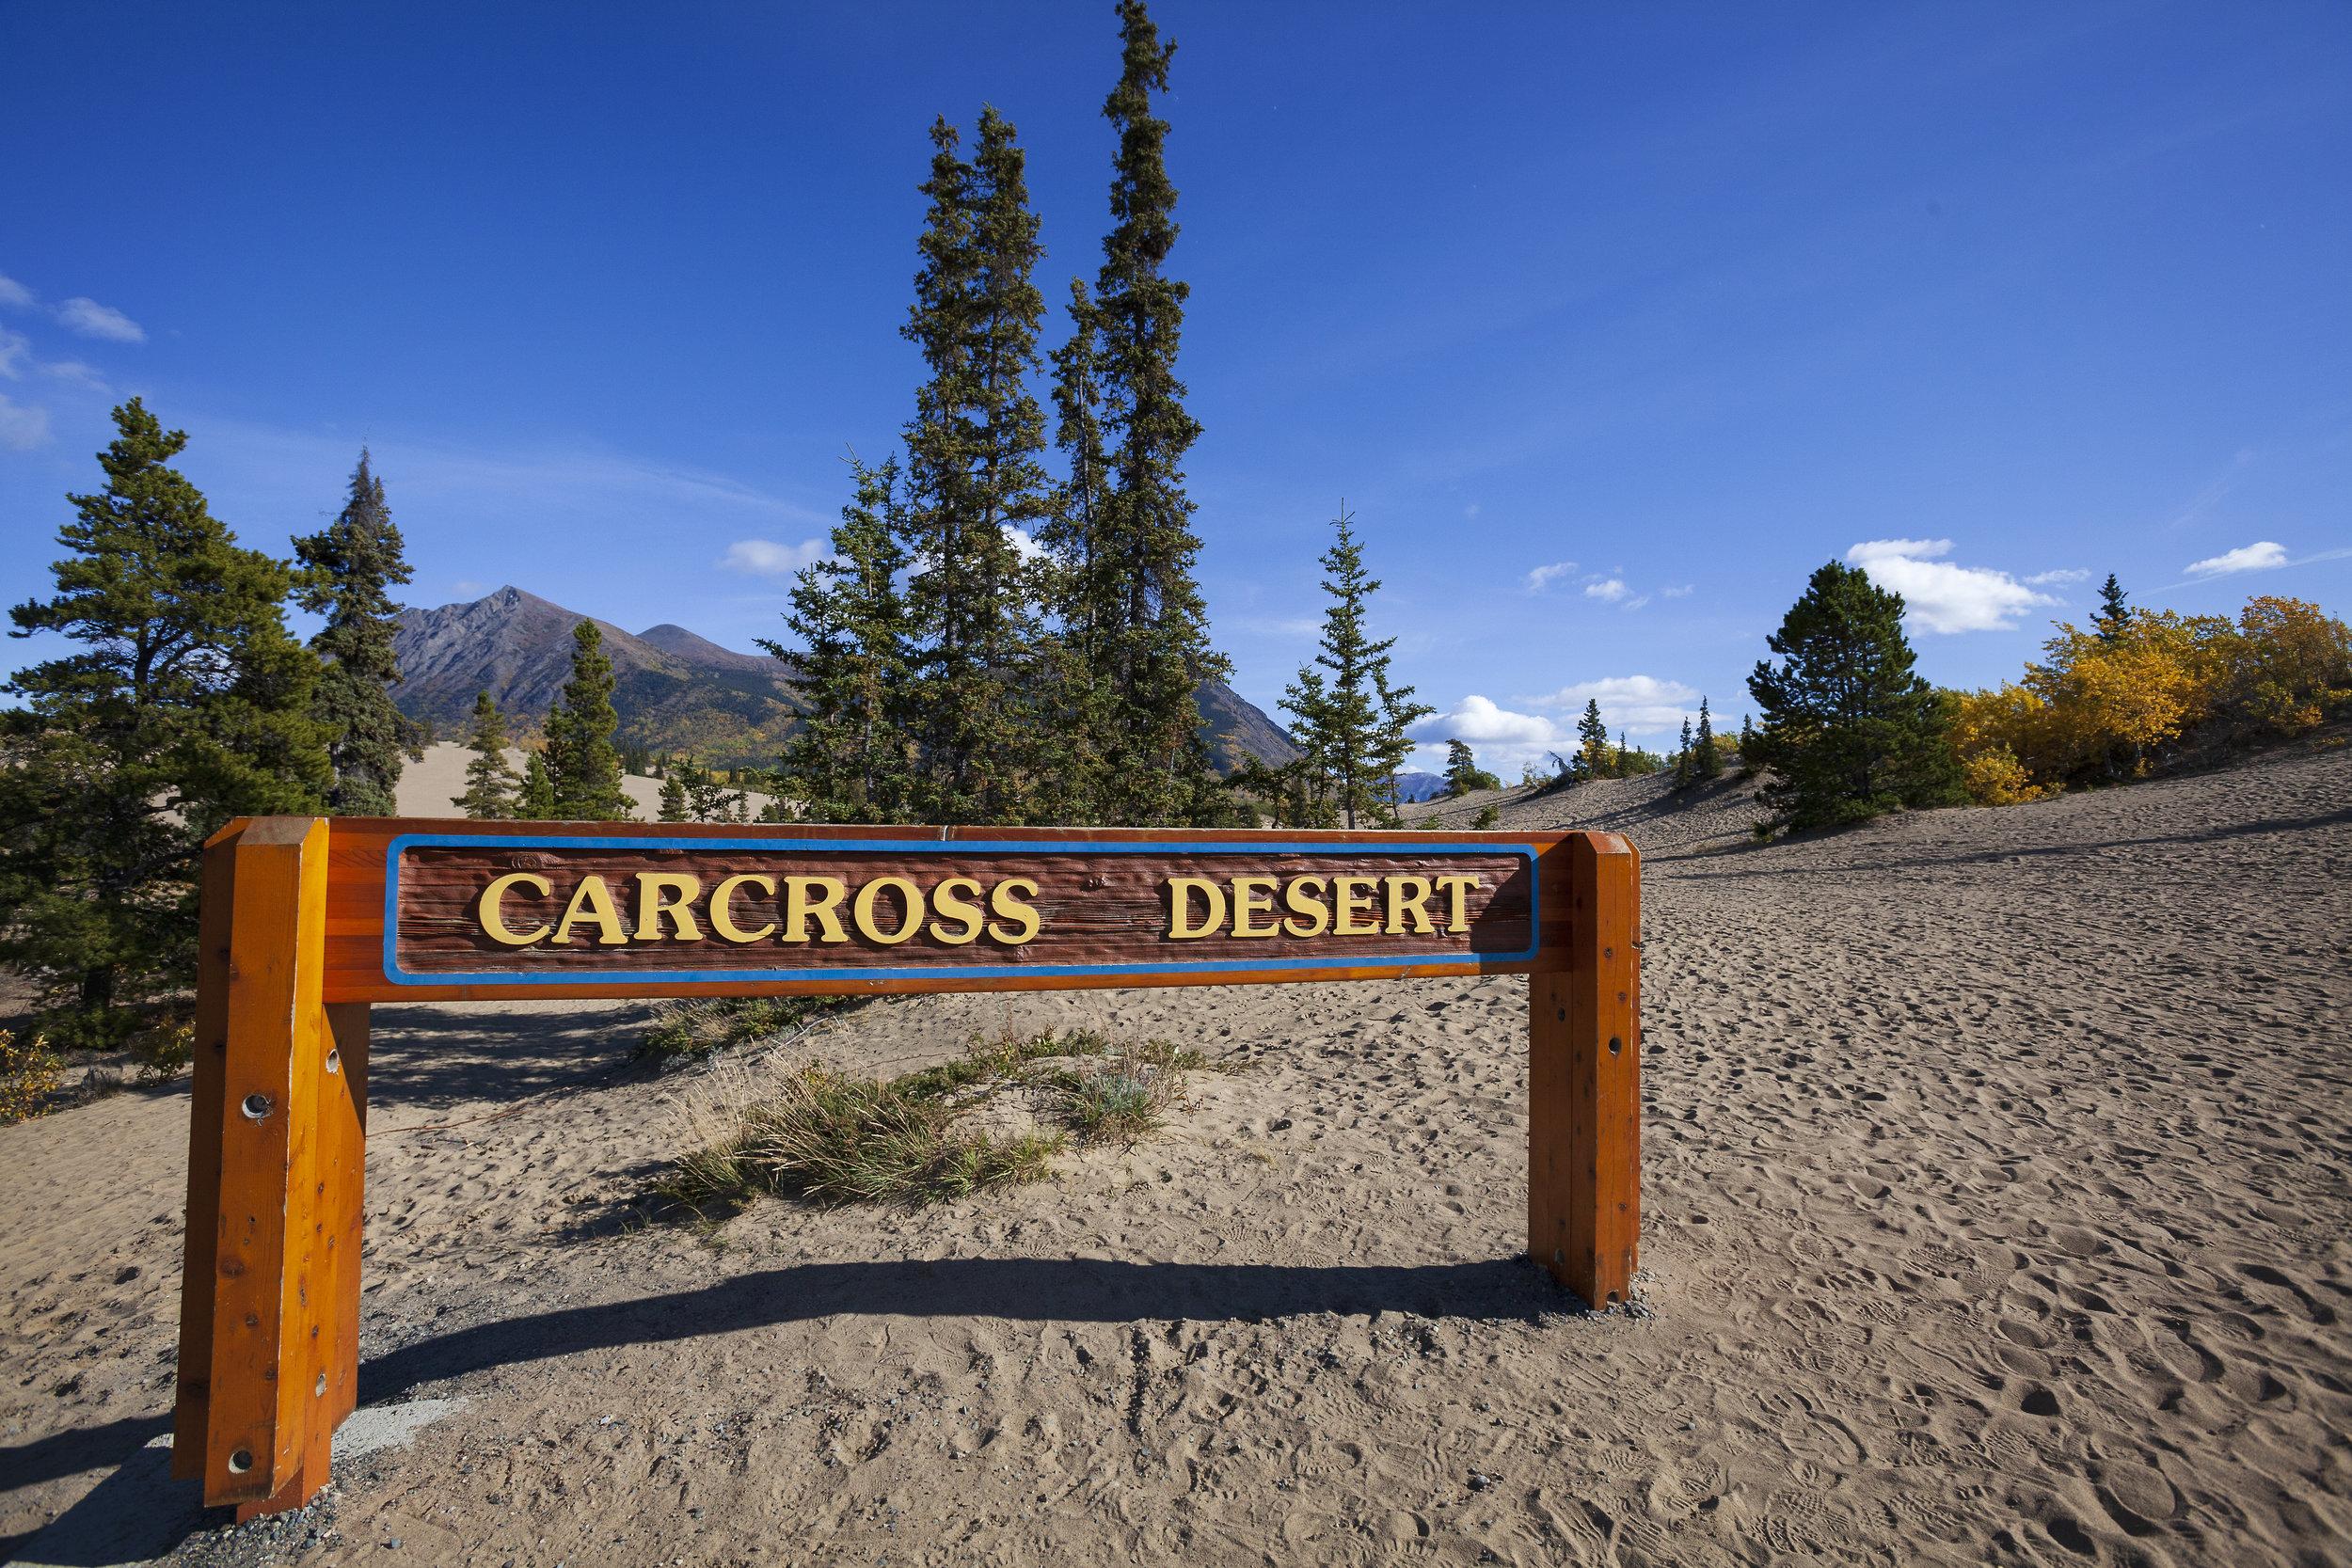 carcross desert - across the blue planet